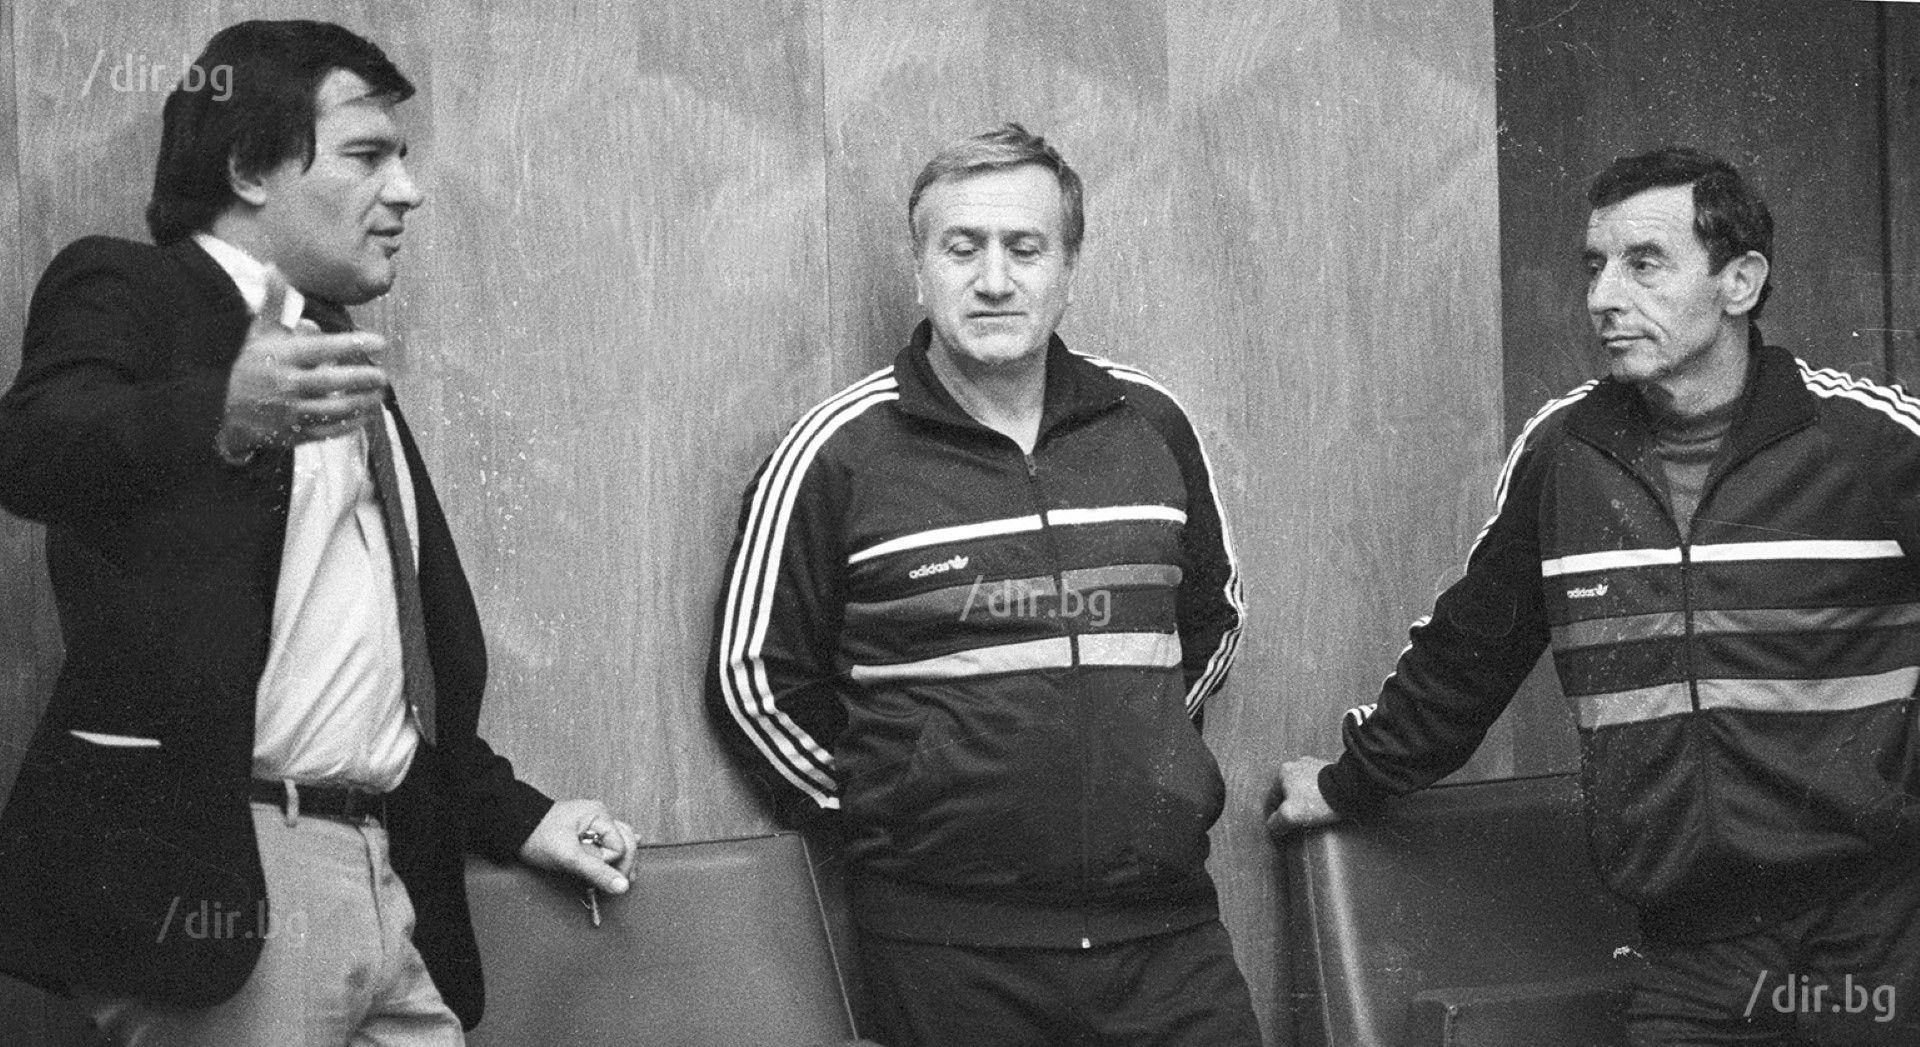 С човека, превърнал вдигането на тежести у нас във фабрика за медали и шампиони - Иван Абаджиев, също покойник. Снимка: ИВАН ГРИГОРОВ